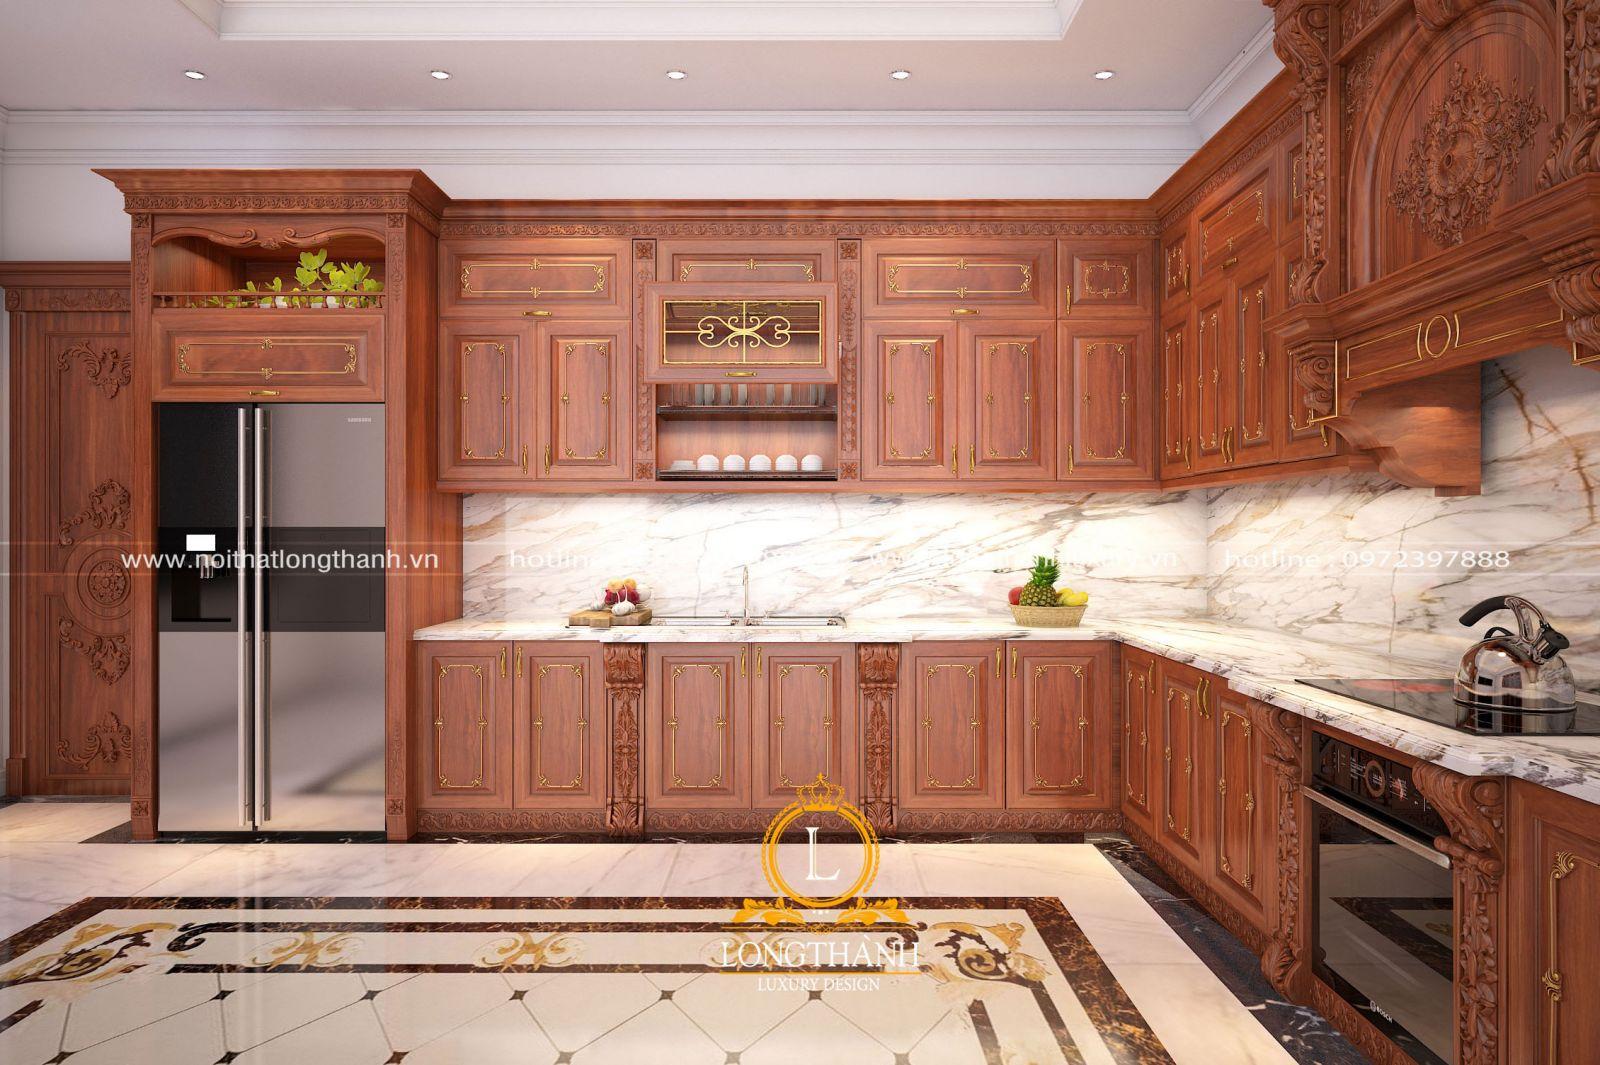 Tủ bếp tân cổ điển chữ L có chức năng thông minh và nhiều ngăn chứa đồ